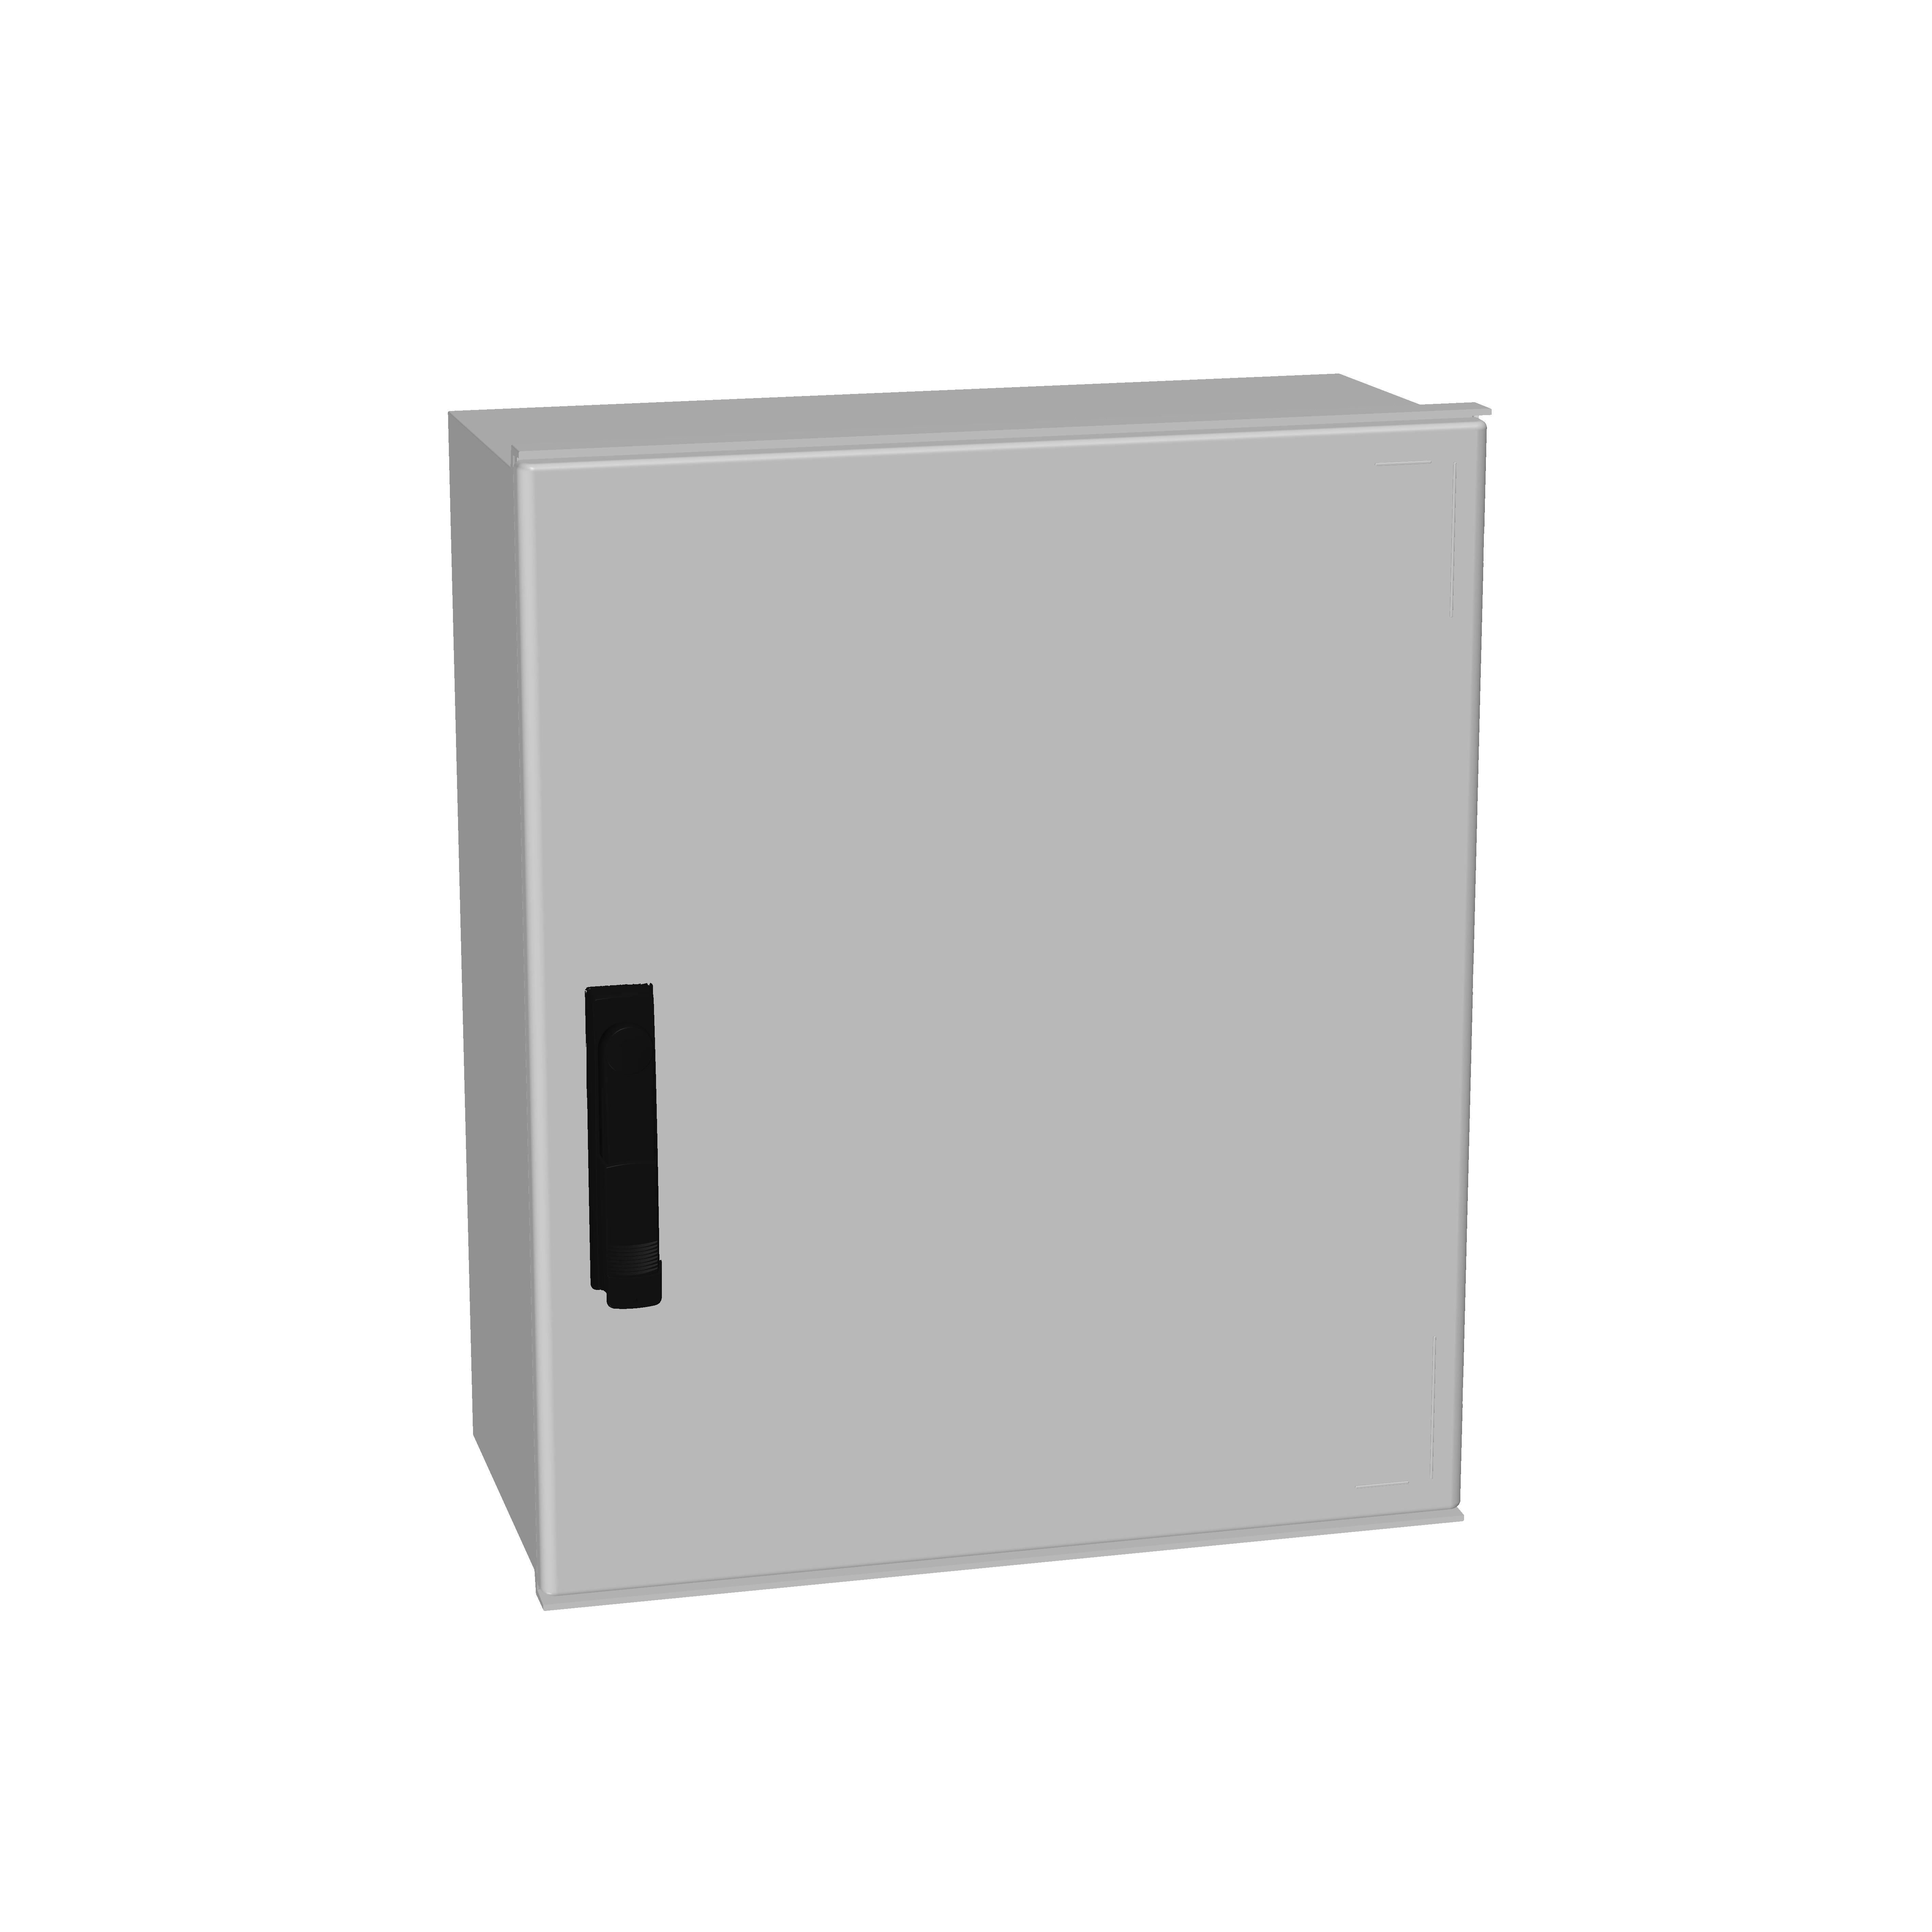 1 Stk Minipol-Wandschrank 3-Punkt Stangenverschl. 600x500x230mm IM088865--